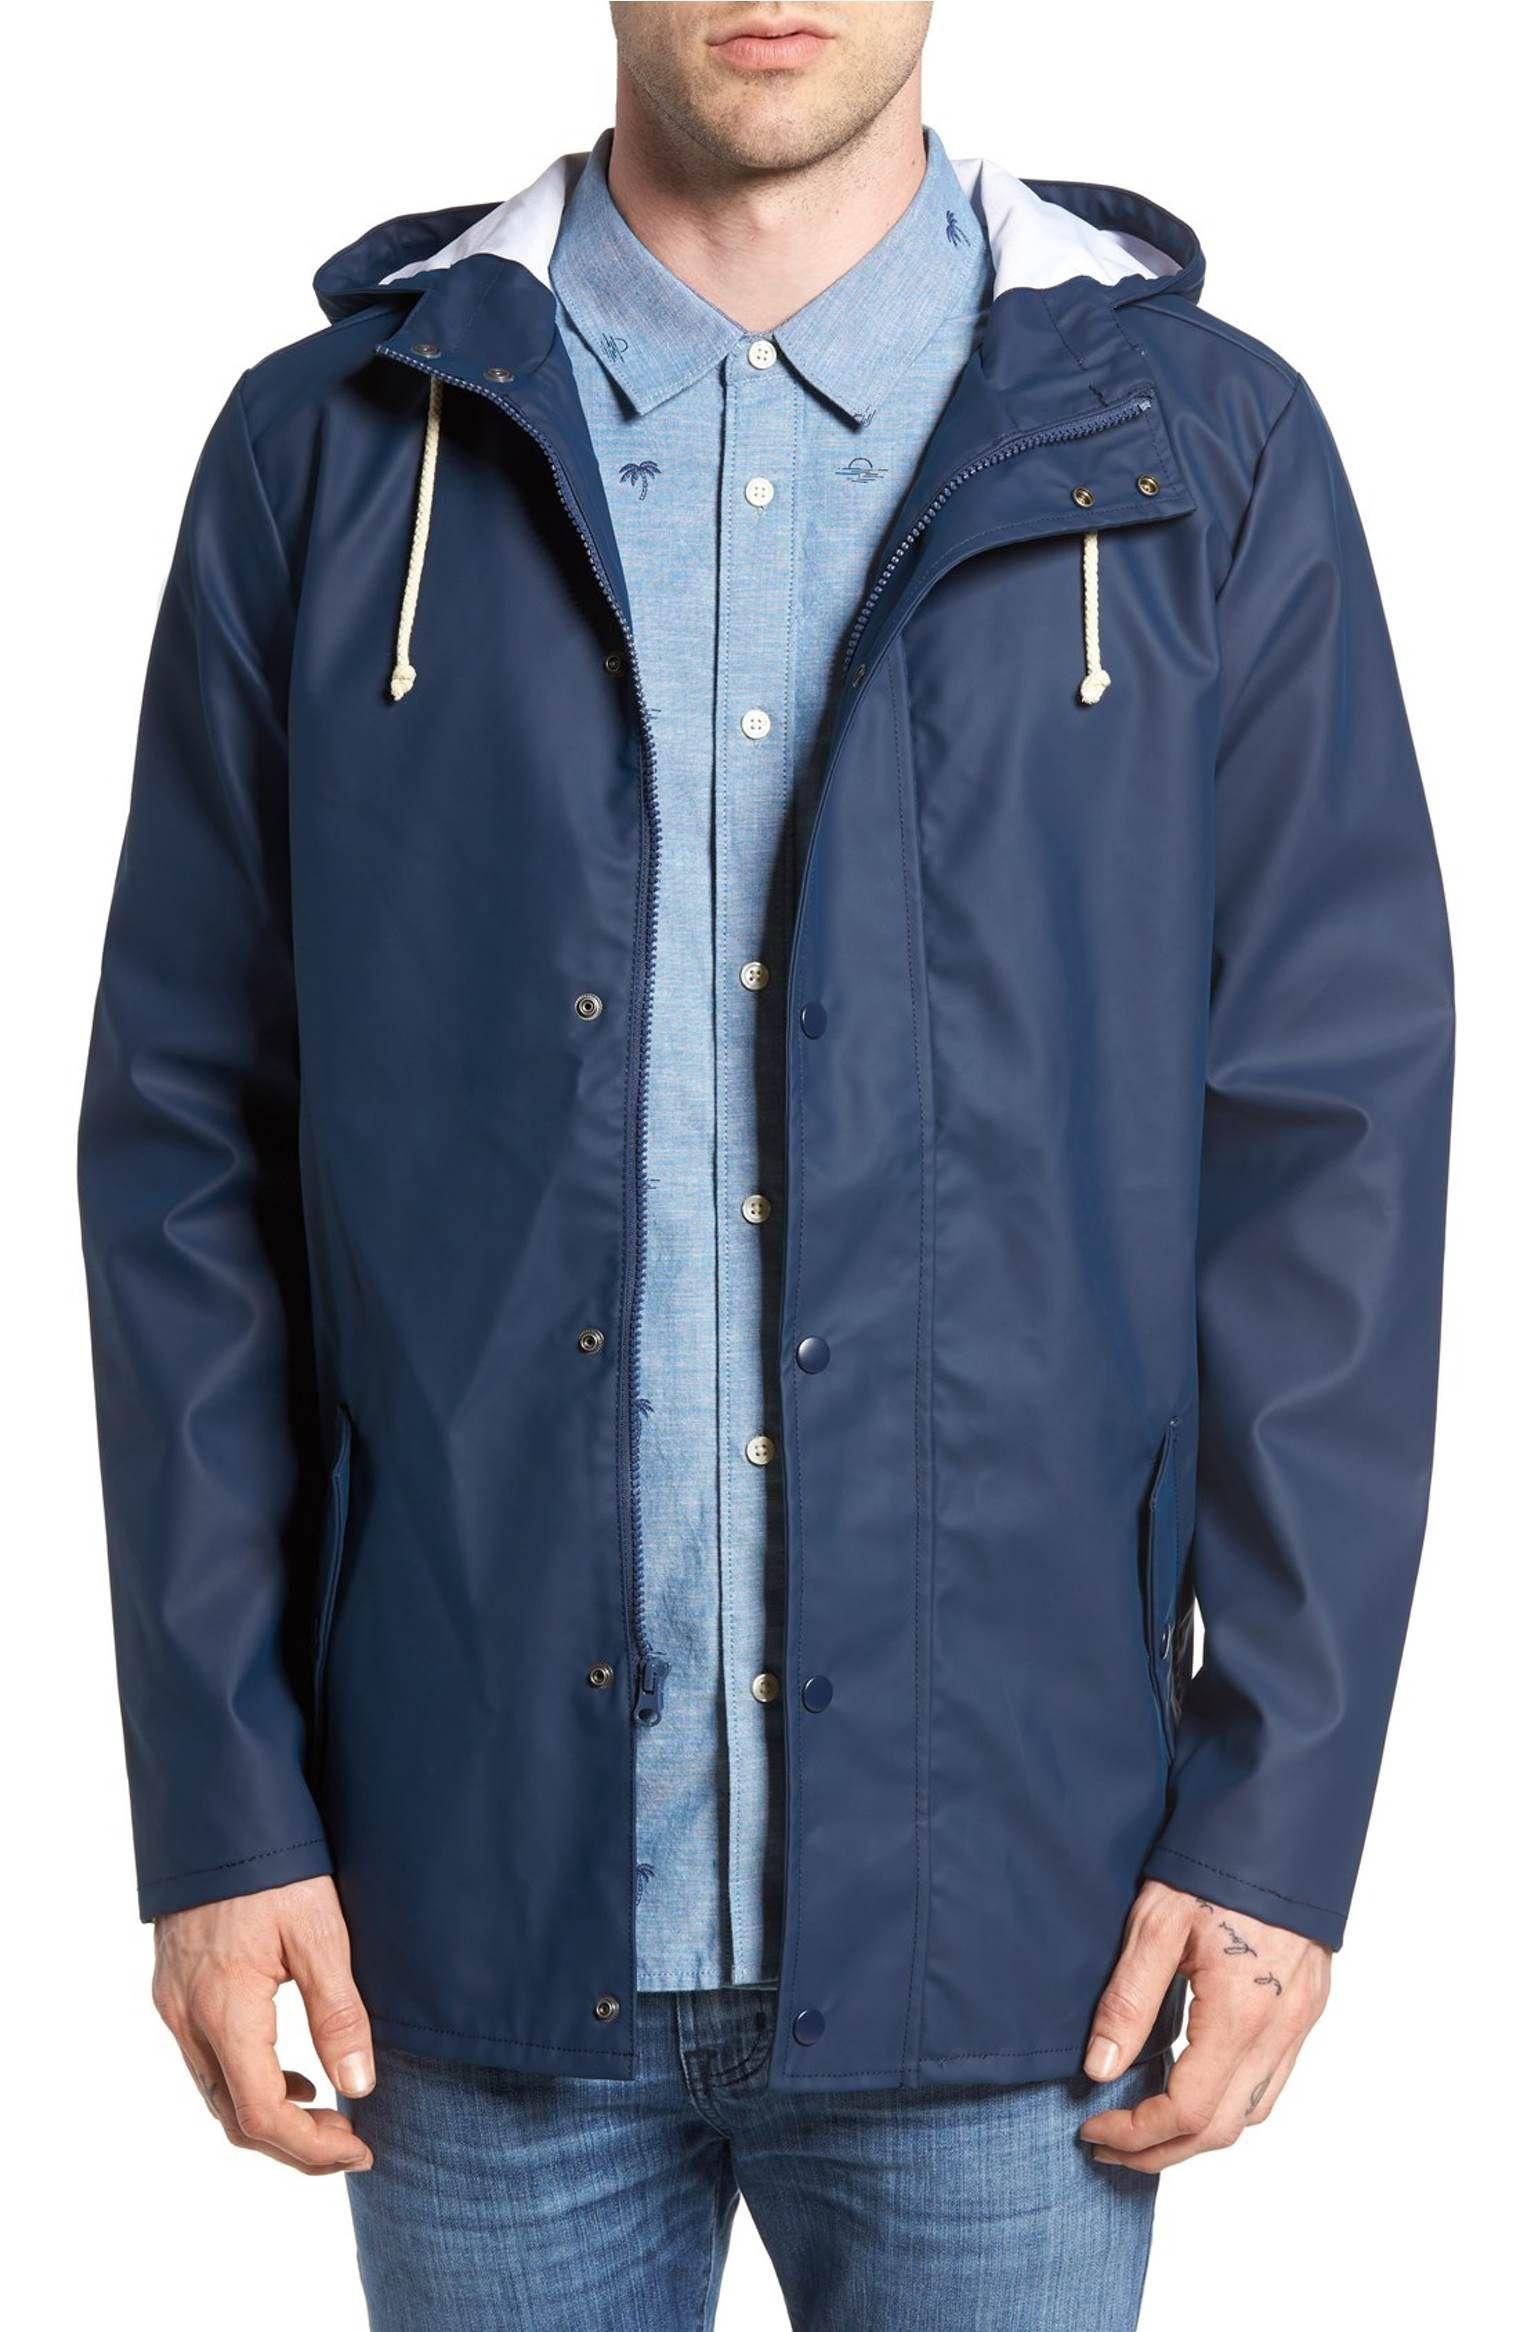 3164bf4d36 Main Image - Vans Junipero MTE Water Repellent Jacket